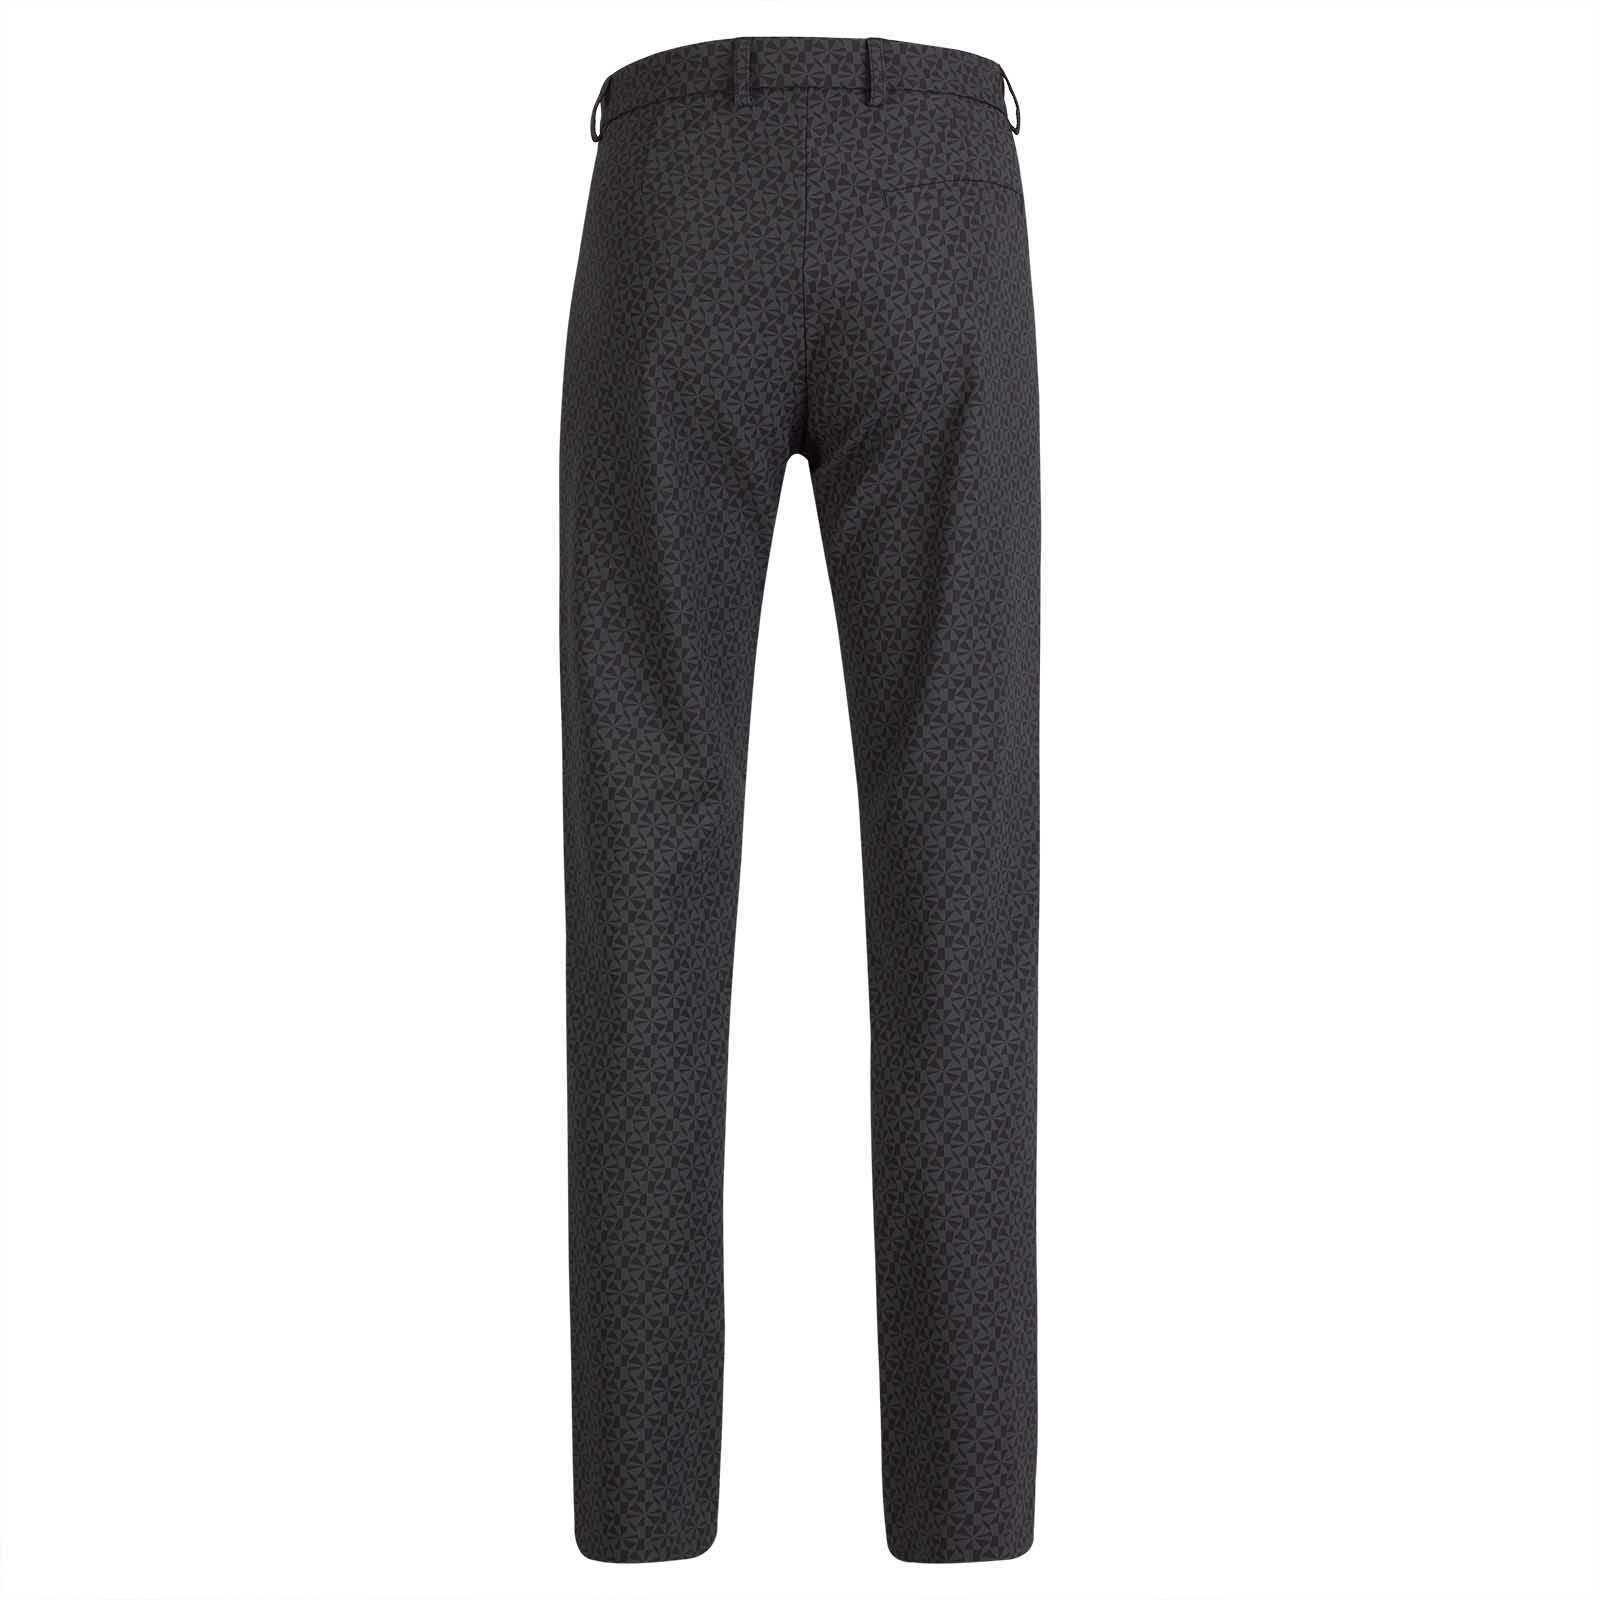 Damen 7/8 Print-Golfhose aus 4-Way-Stretch mit modischem Muster